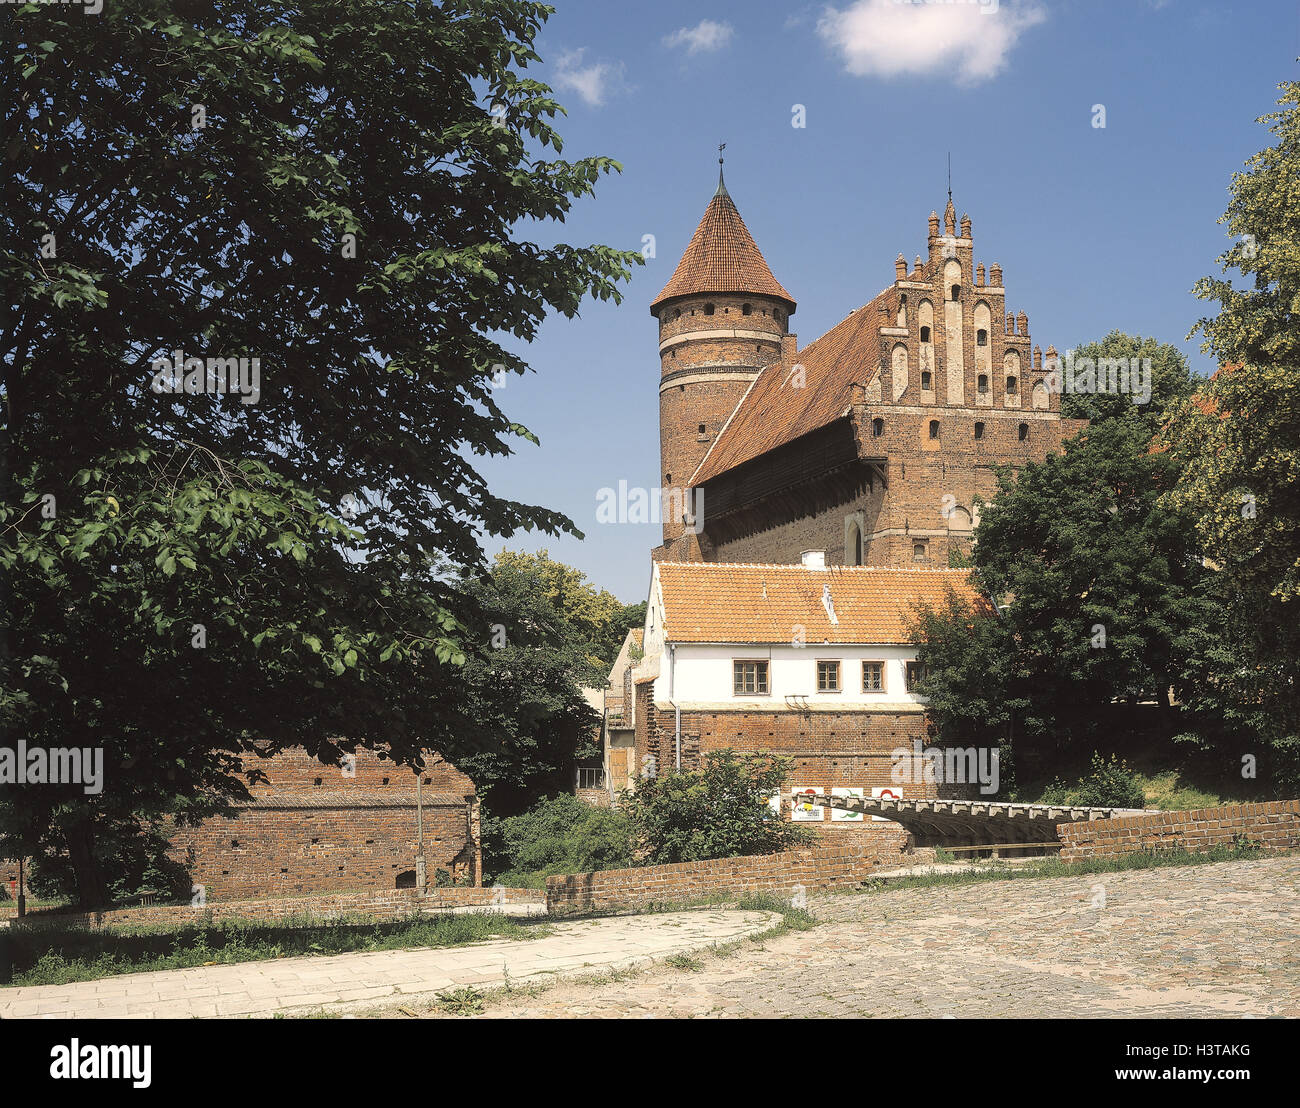 Poland, Masuria, Olsztyn, Allenstein, town, order castle, detail, Europe, Rzeczpospolita Polska, north-east Pole, Stock Photo